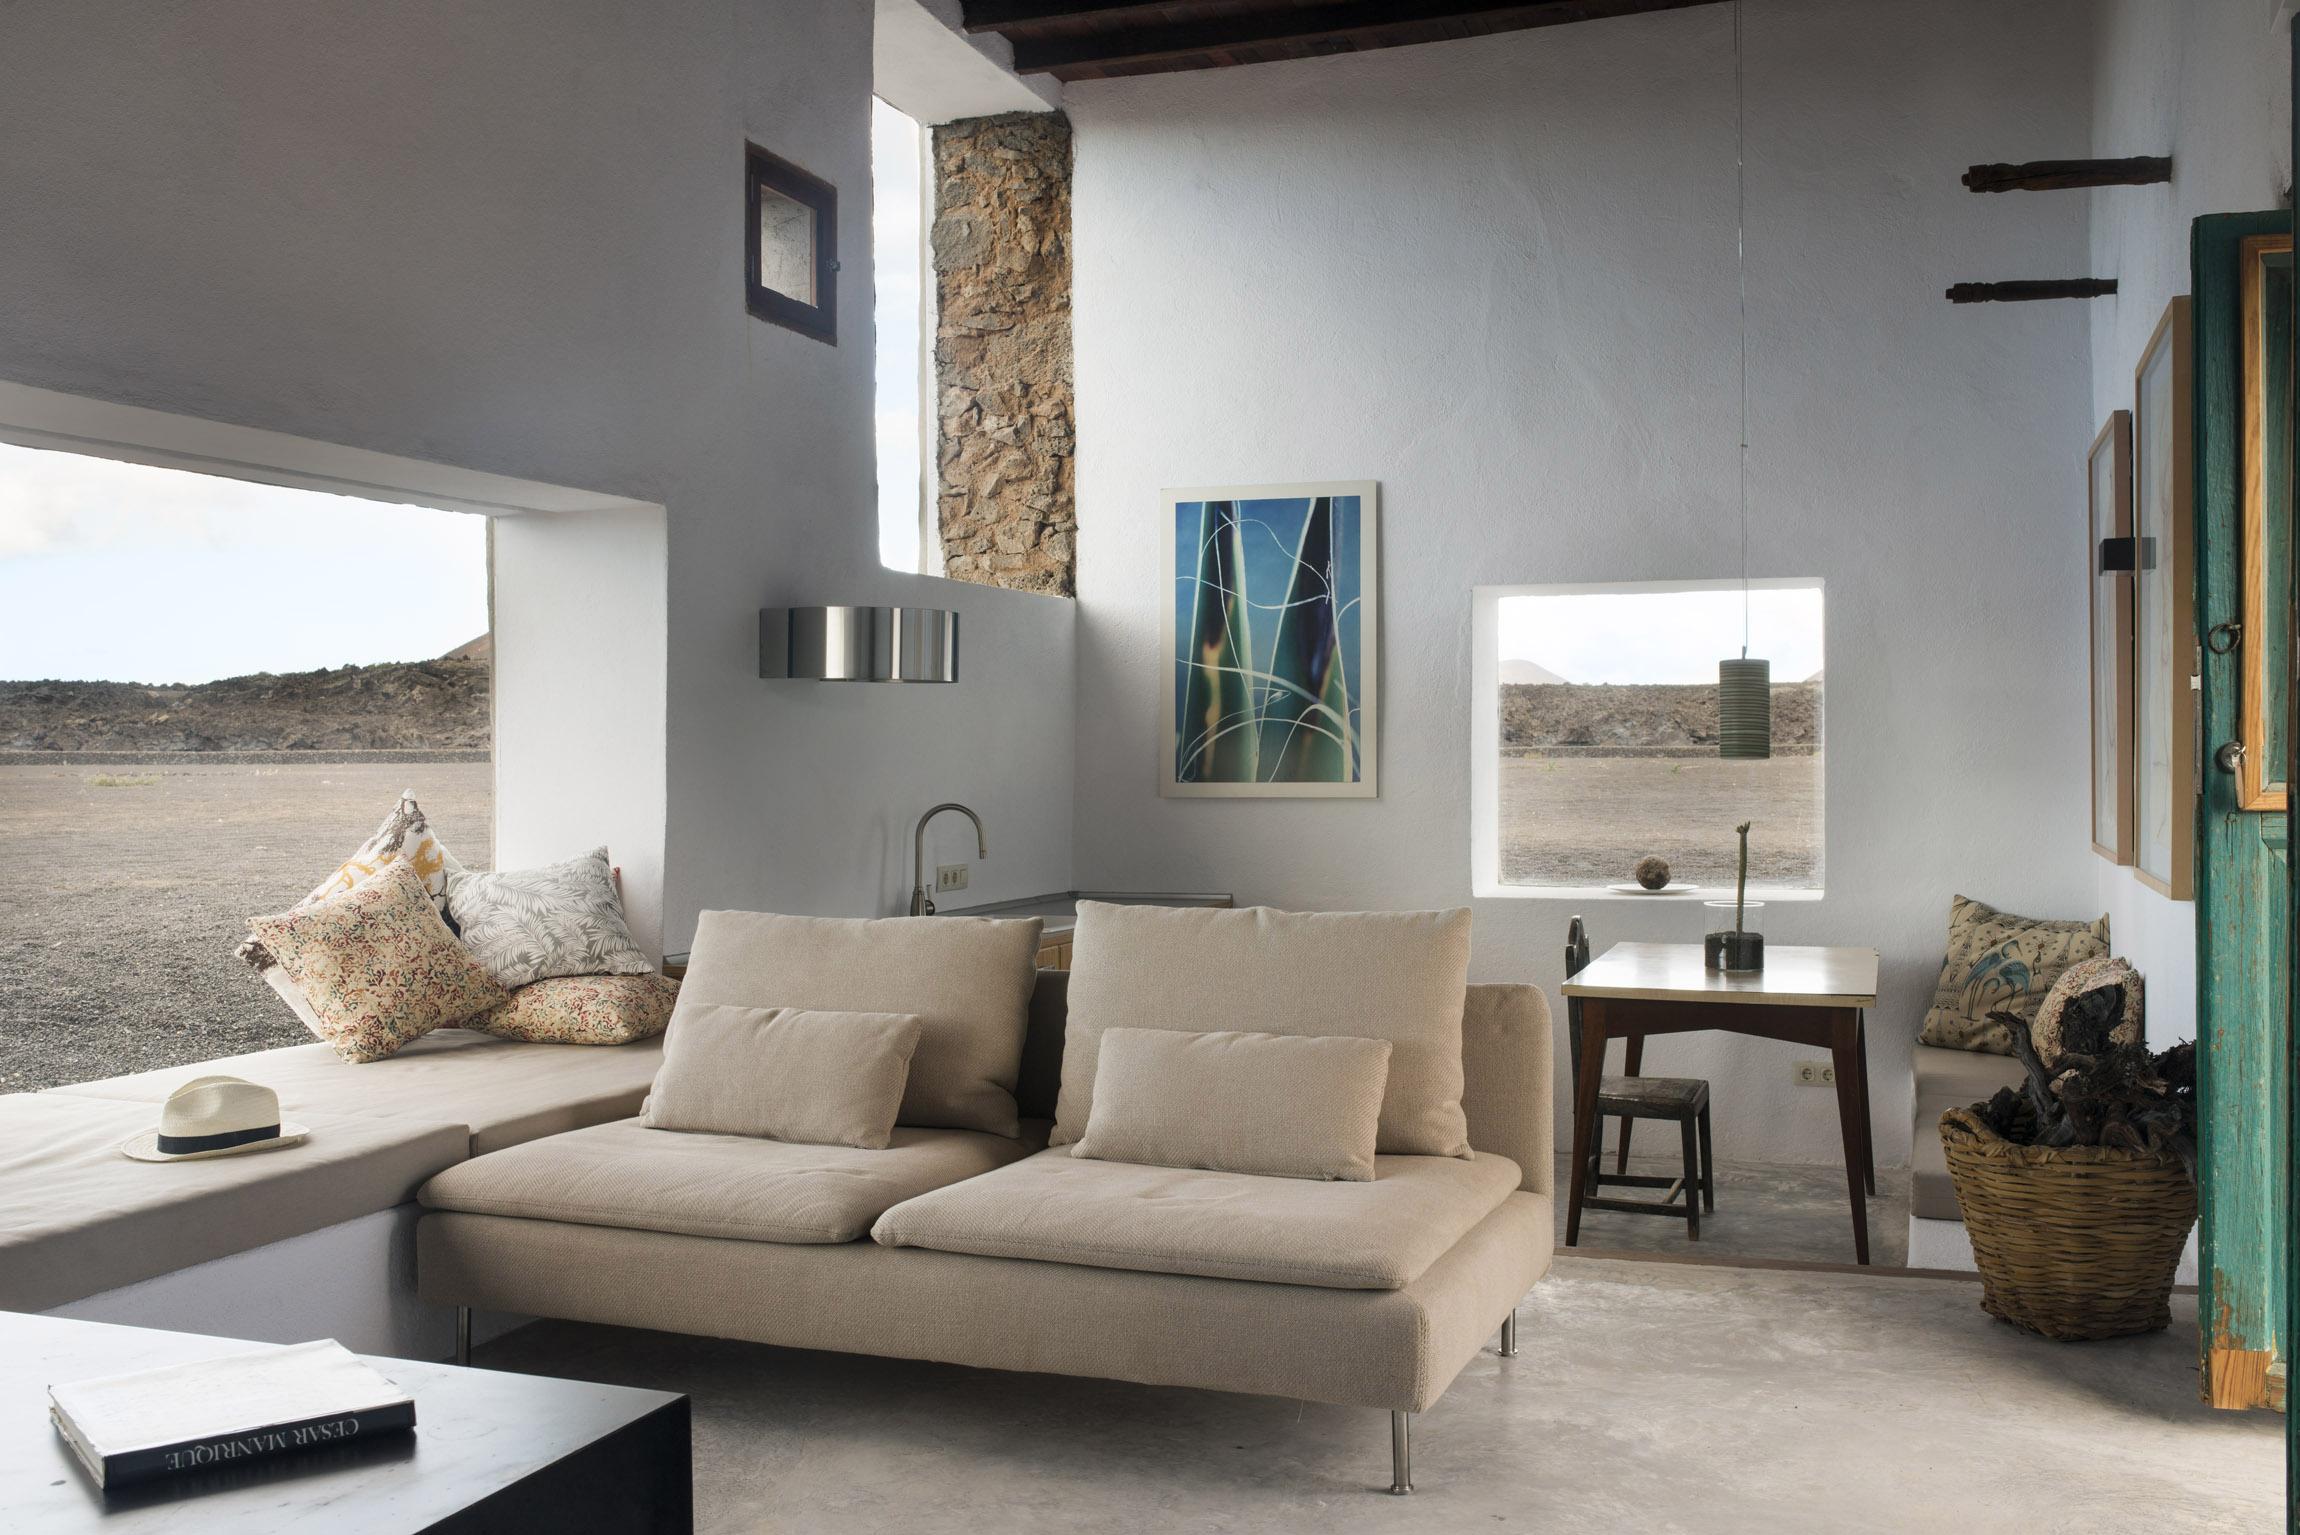 Hoteles en Lanzarote ✅ Casas Rurales en Lanzarote